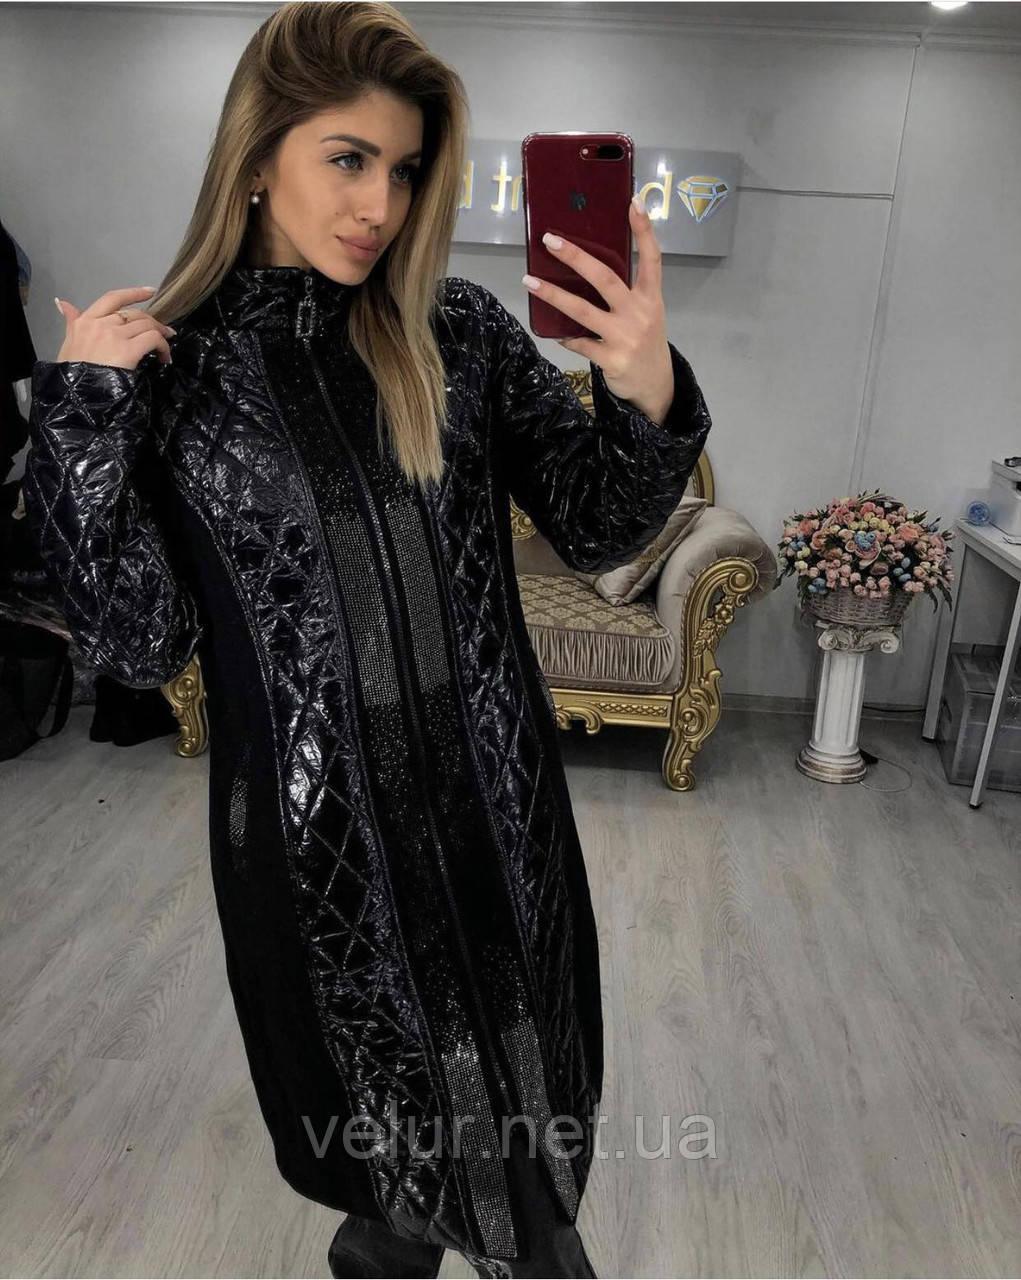 Женское стильное пальто турецкого про-ва, Размеры:46,48,50,52 евро, цвет черный.